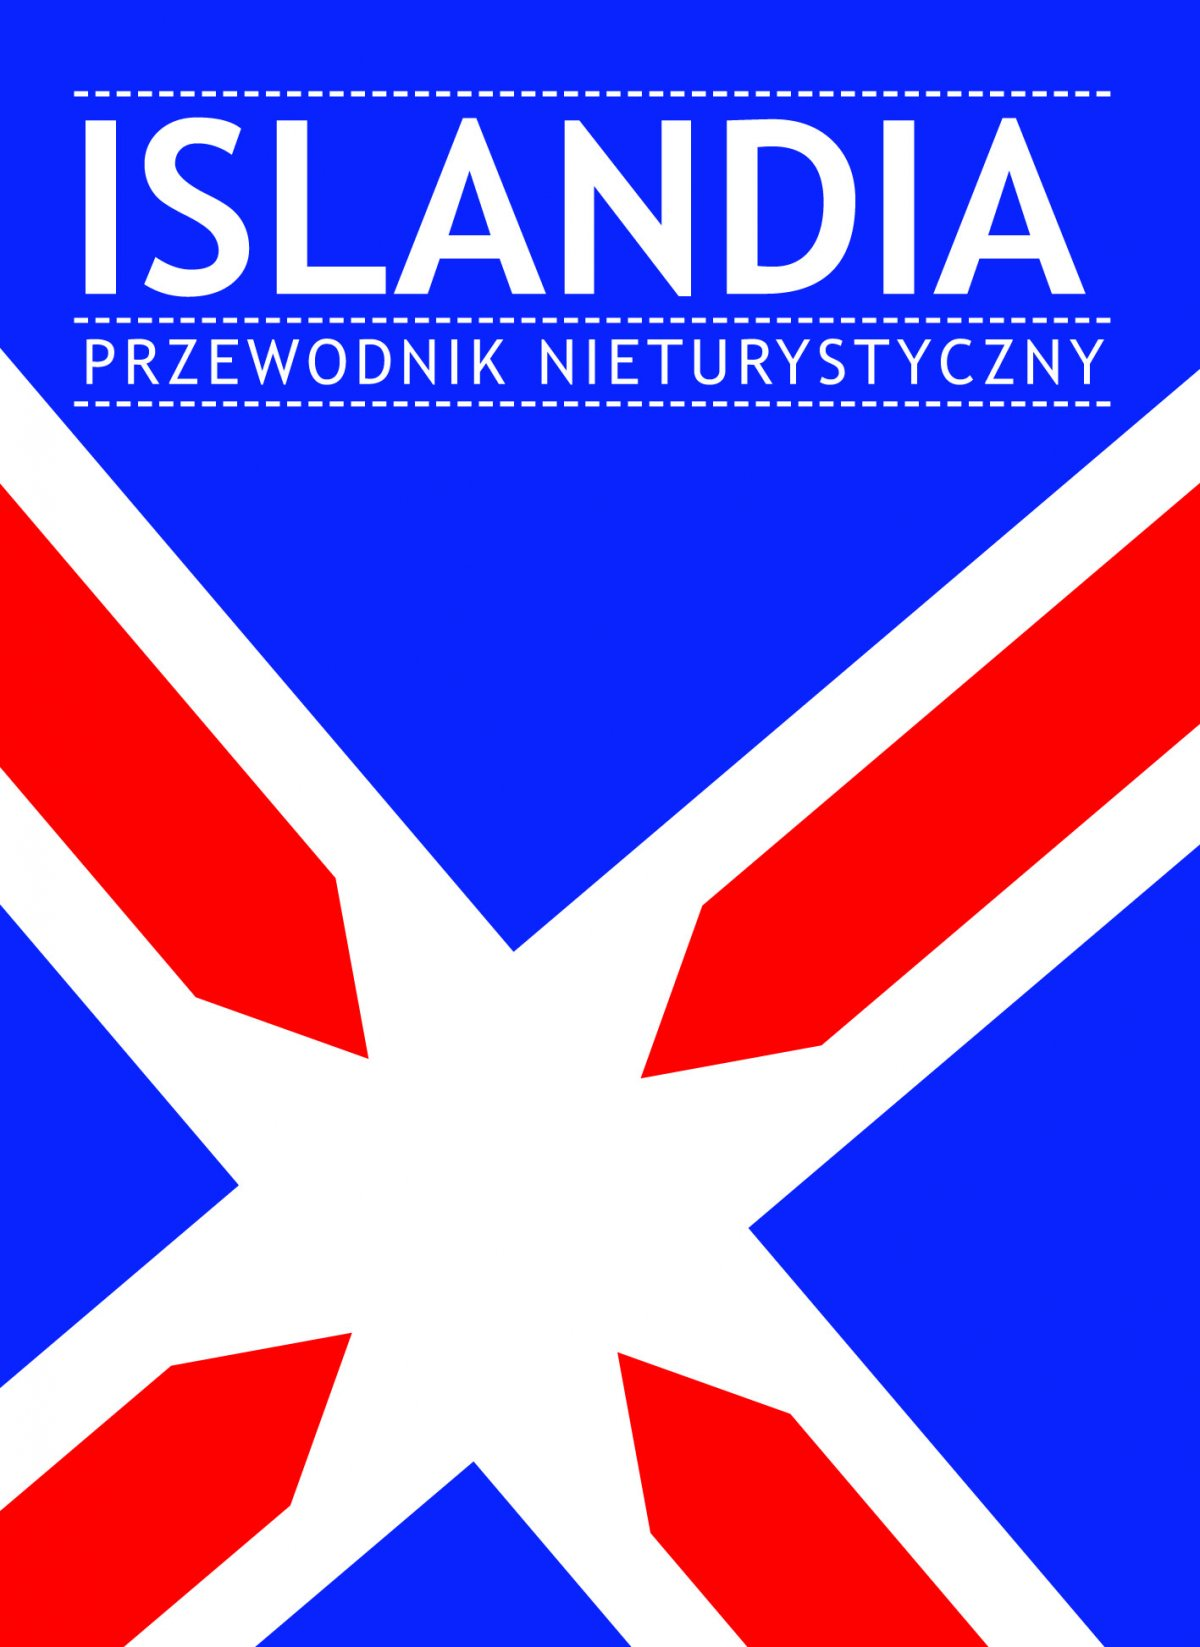 Islandia. Przewodnik nieturystyczny - Ebook (Książka na Kindle) do pobrania w formacie MOBI